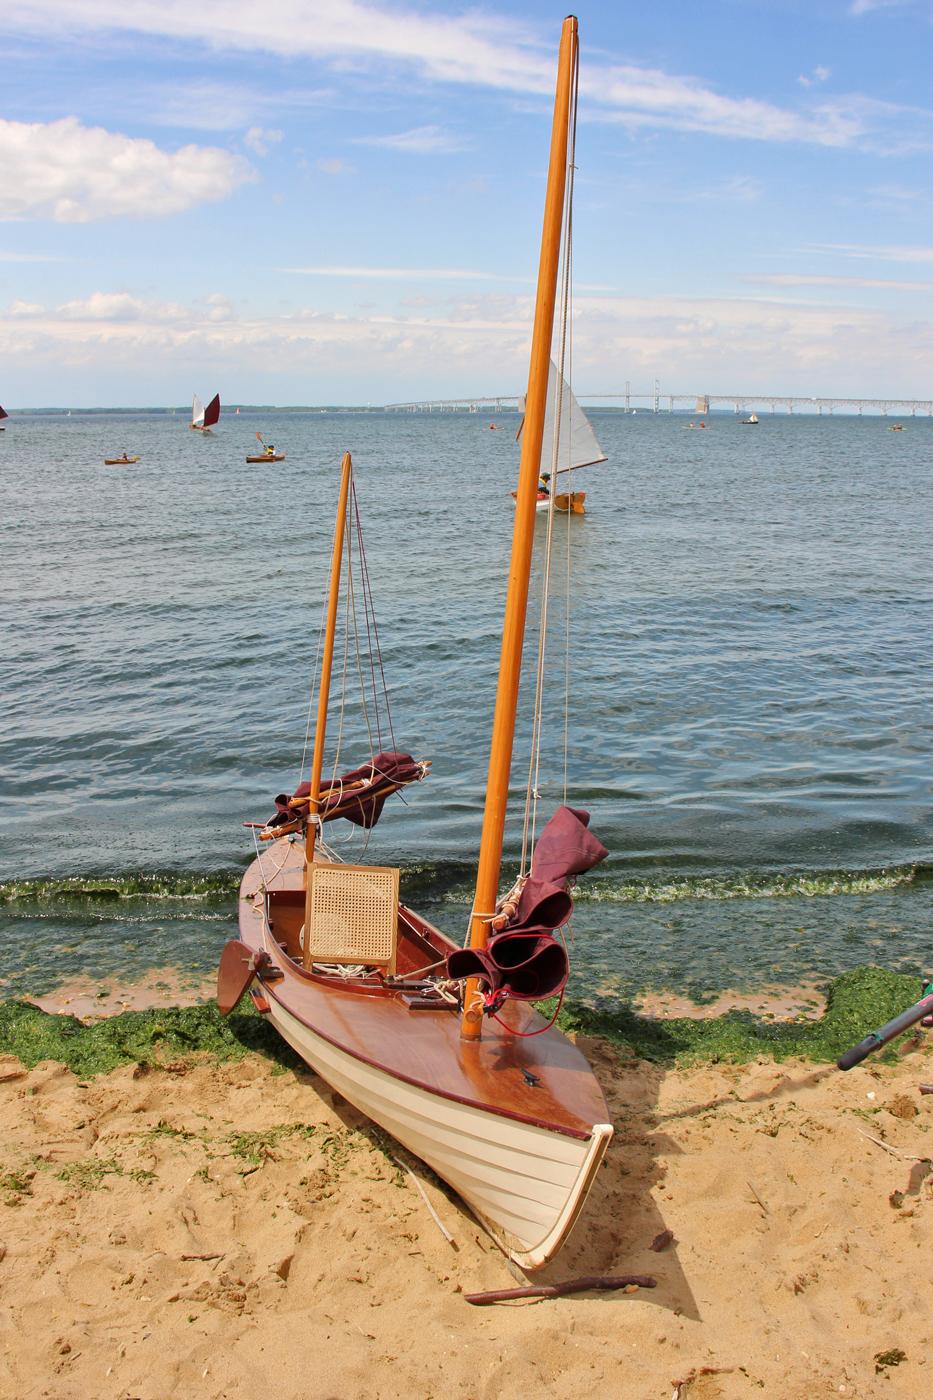 Steve Judson: Canoe Yawl